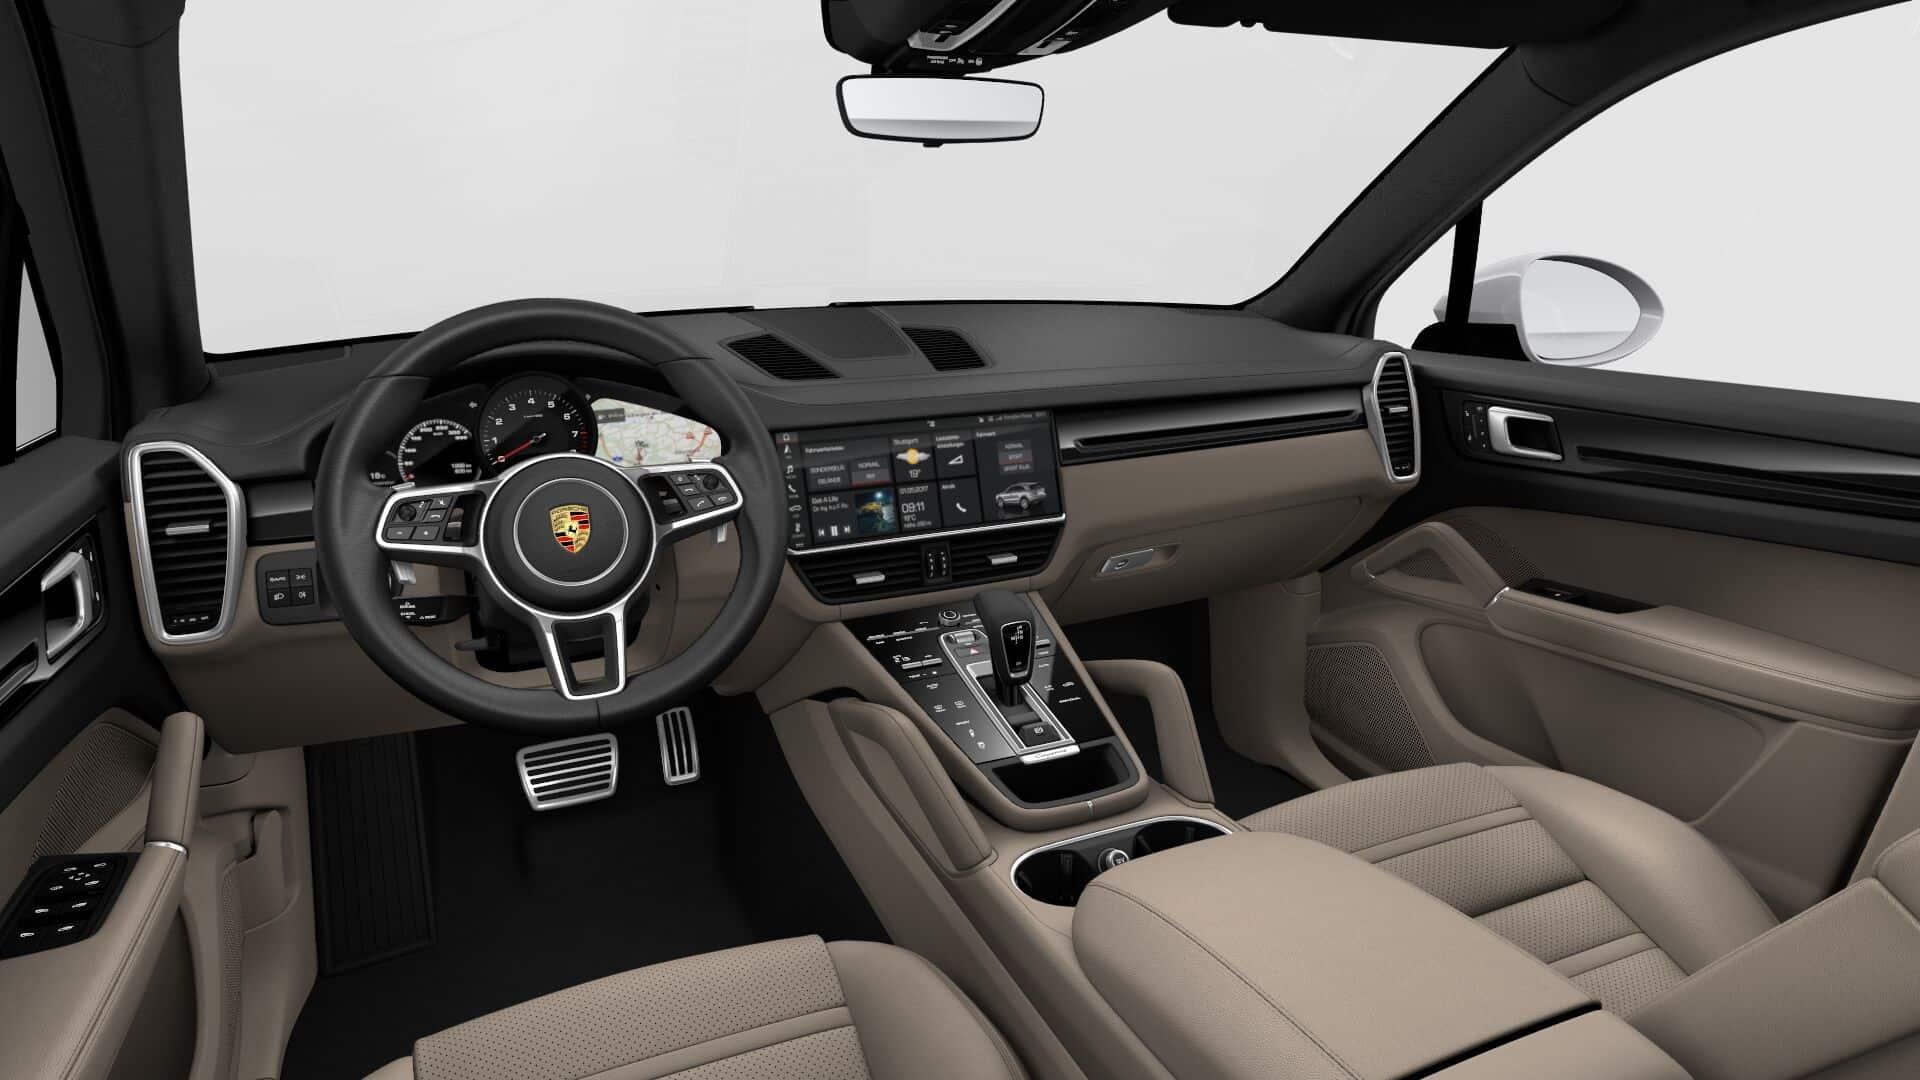 Porsche Cayenne: Where to get a 'Test Drive'?